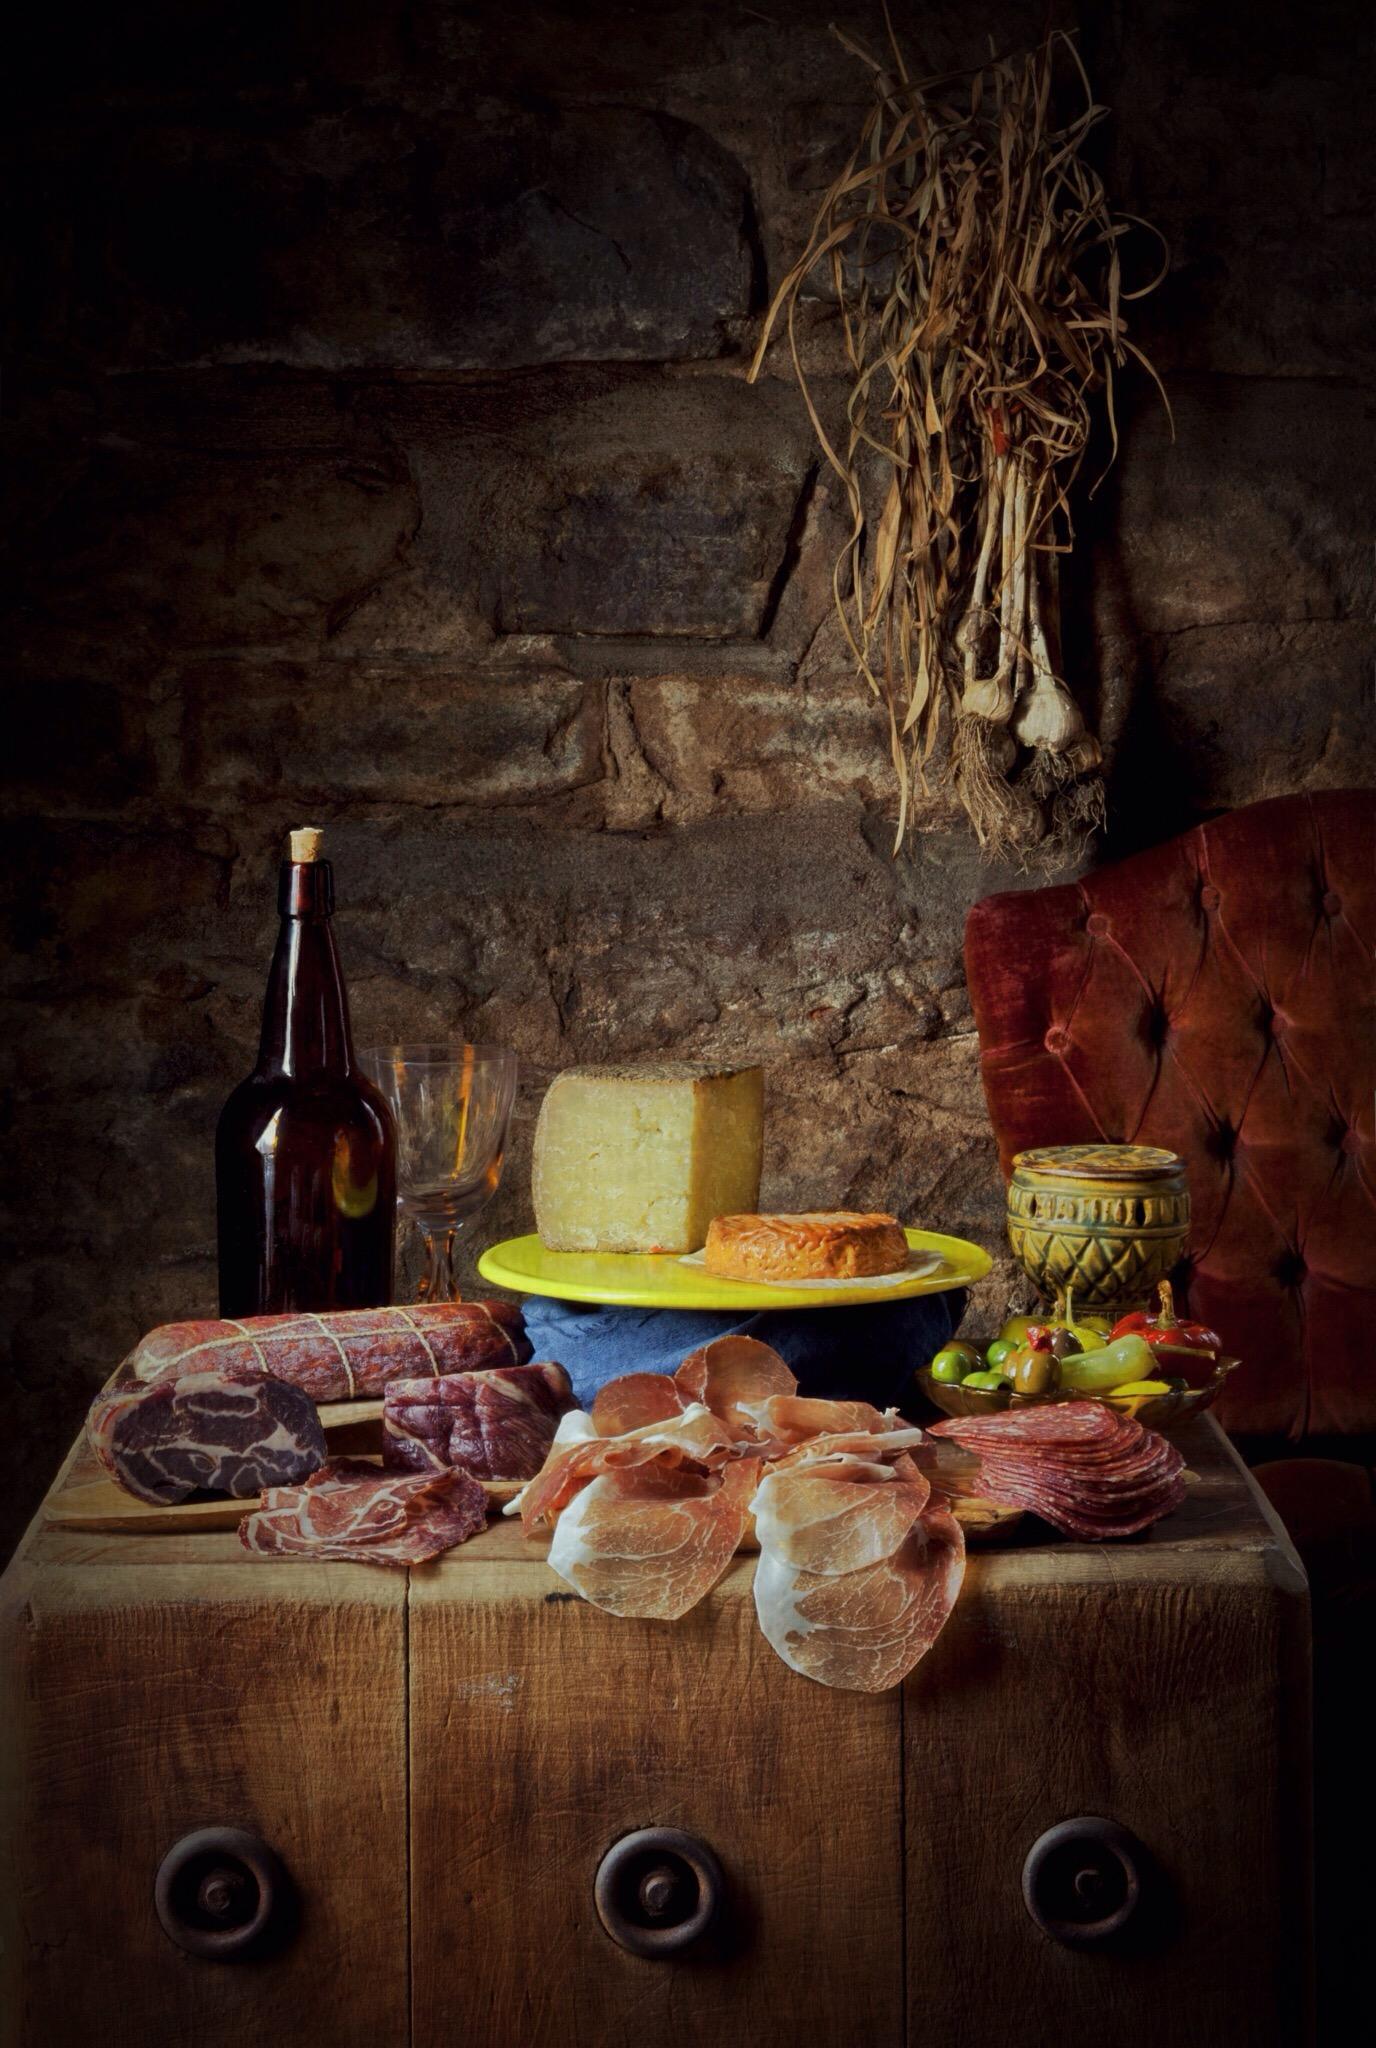 Parma Sausage Company's prosciutto di Parma, soppressata, coppa secca, salami rustico and salami di Genoa, and other savory treats for a snack that connects you to art history.